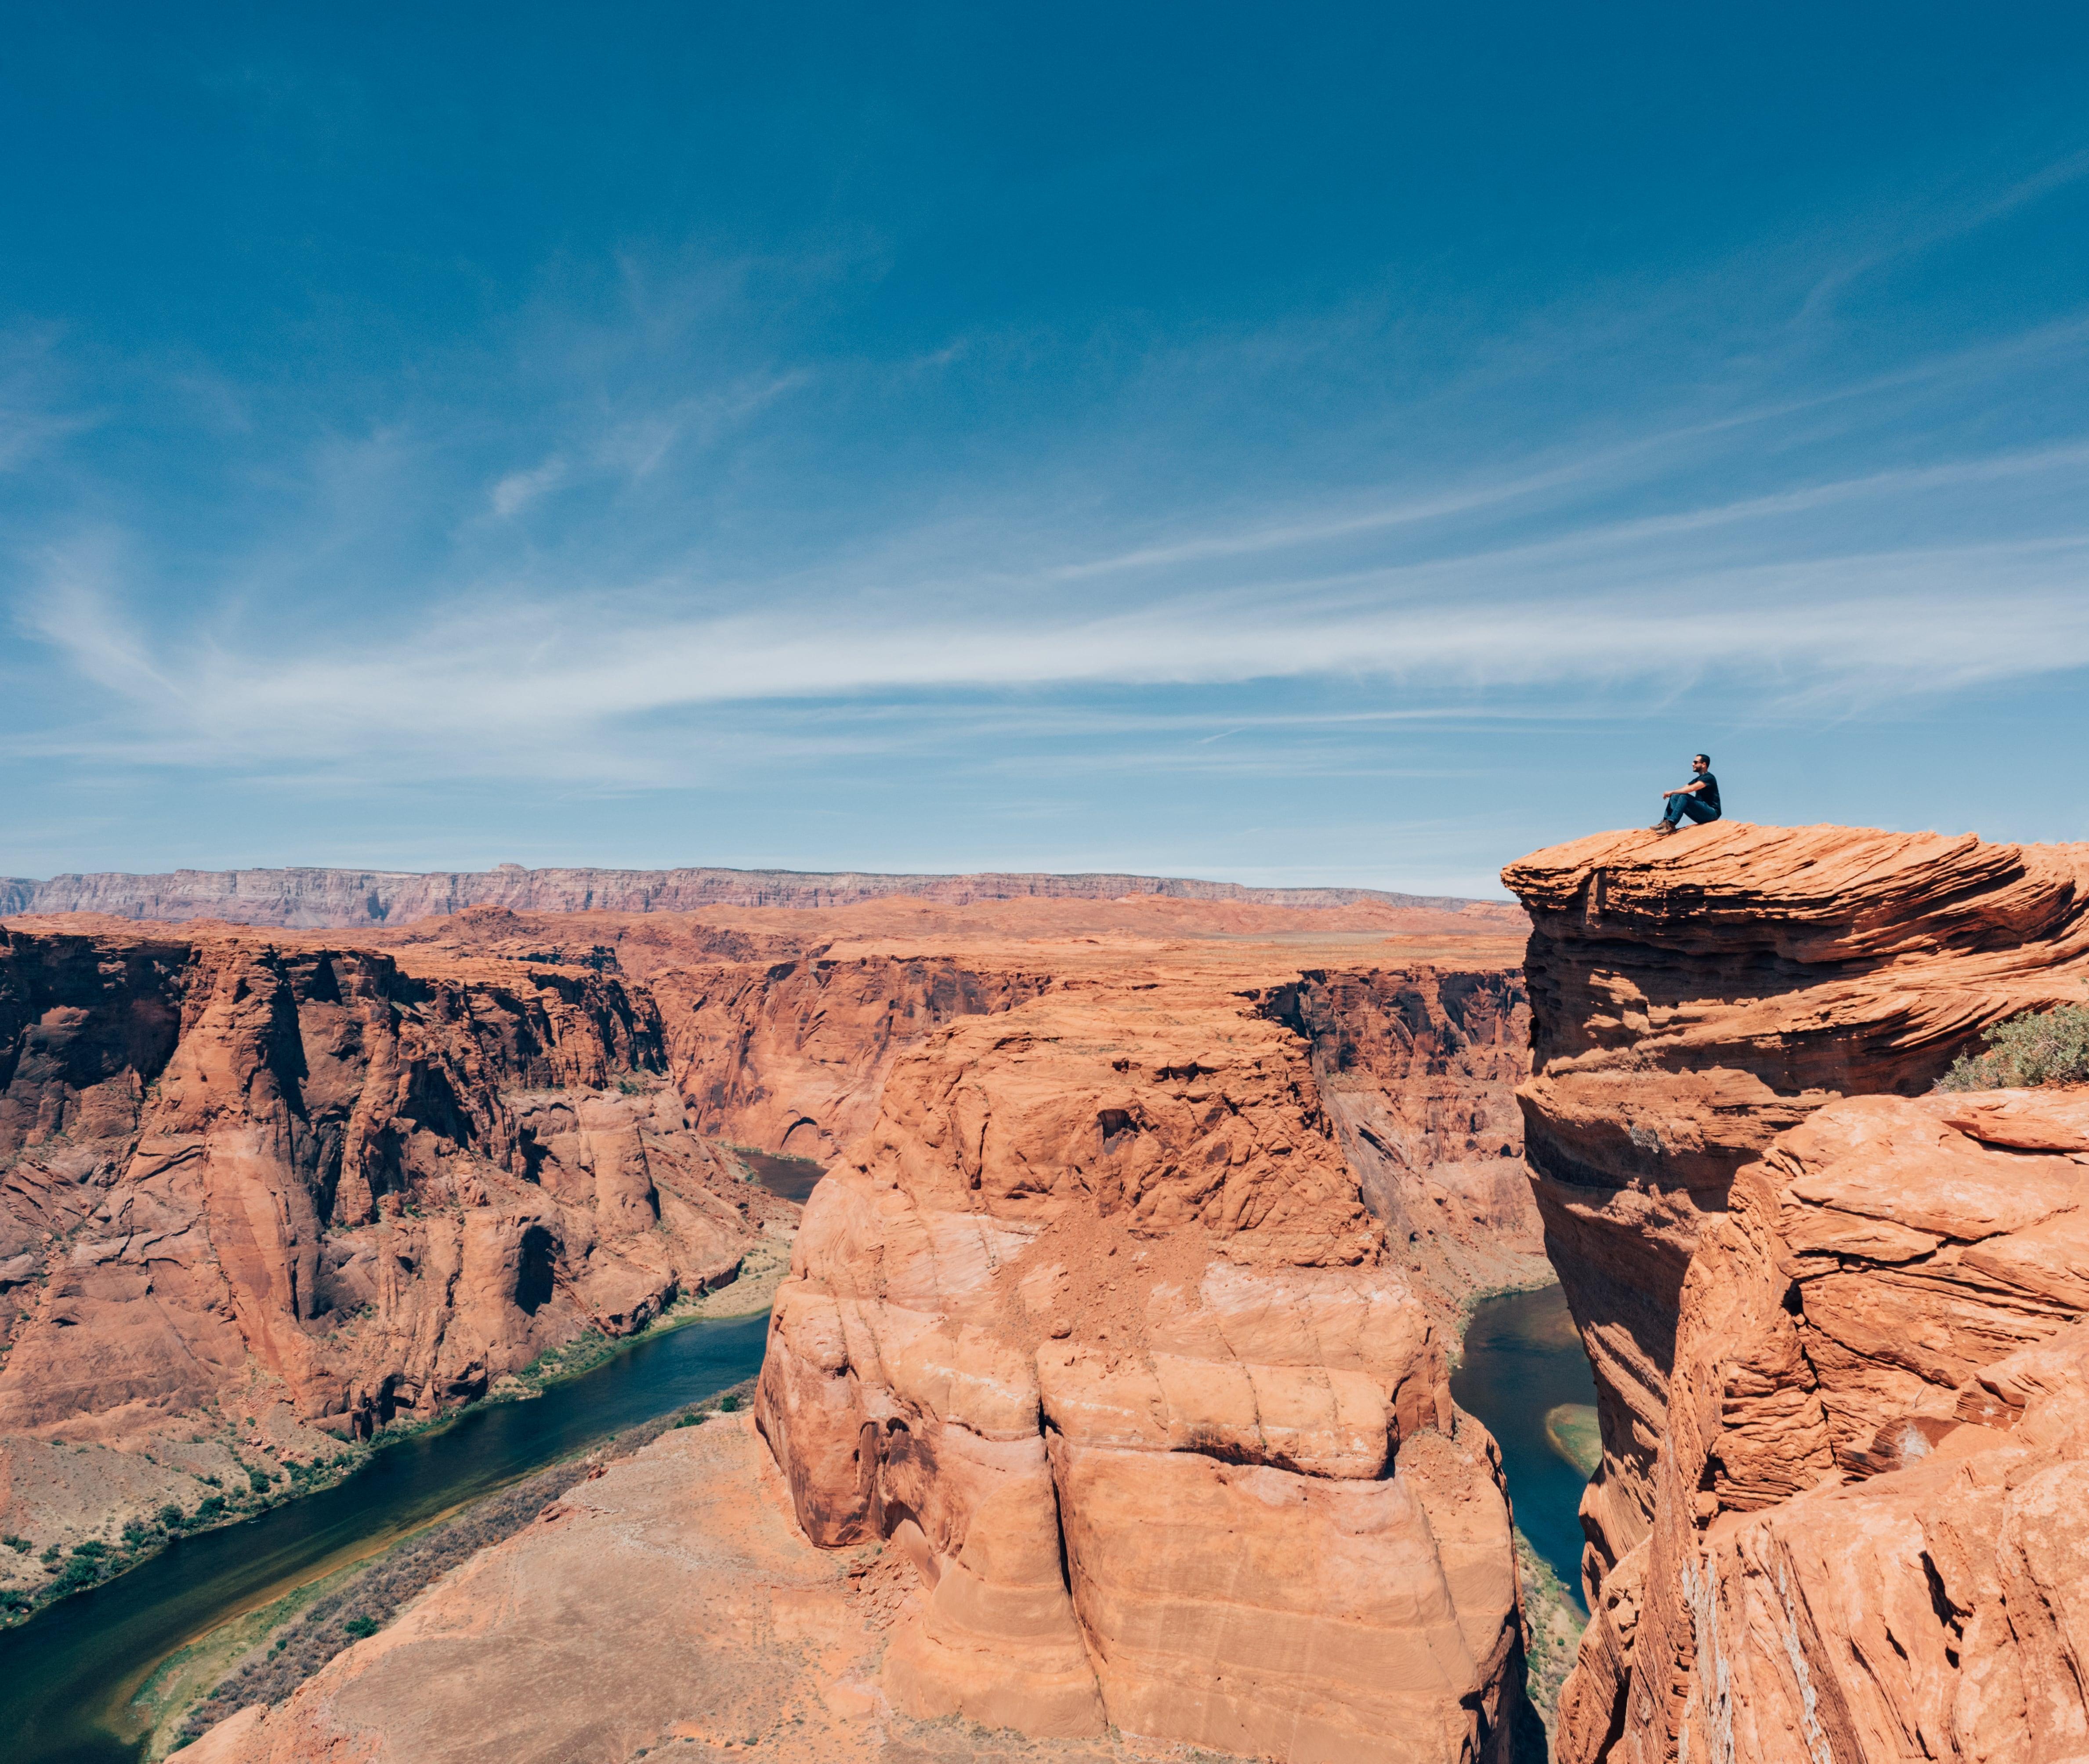 Sobre o Rio Colorado, no Arizona, o Horseshoe Bend é imenso e belo. Saiba mais sobre esse lugar no link! #HorseshoeBend #Arizona #RioColorado